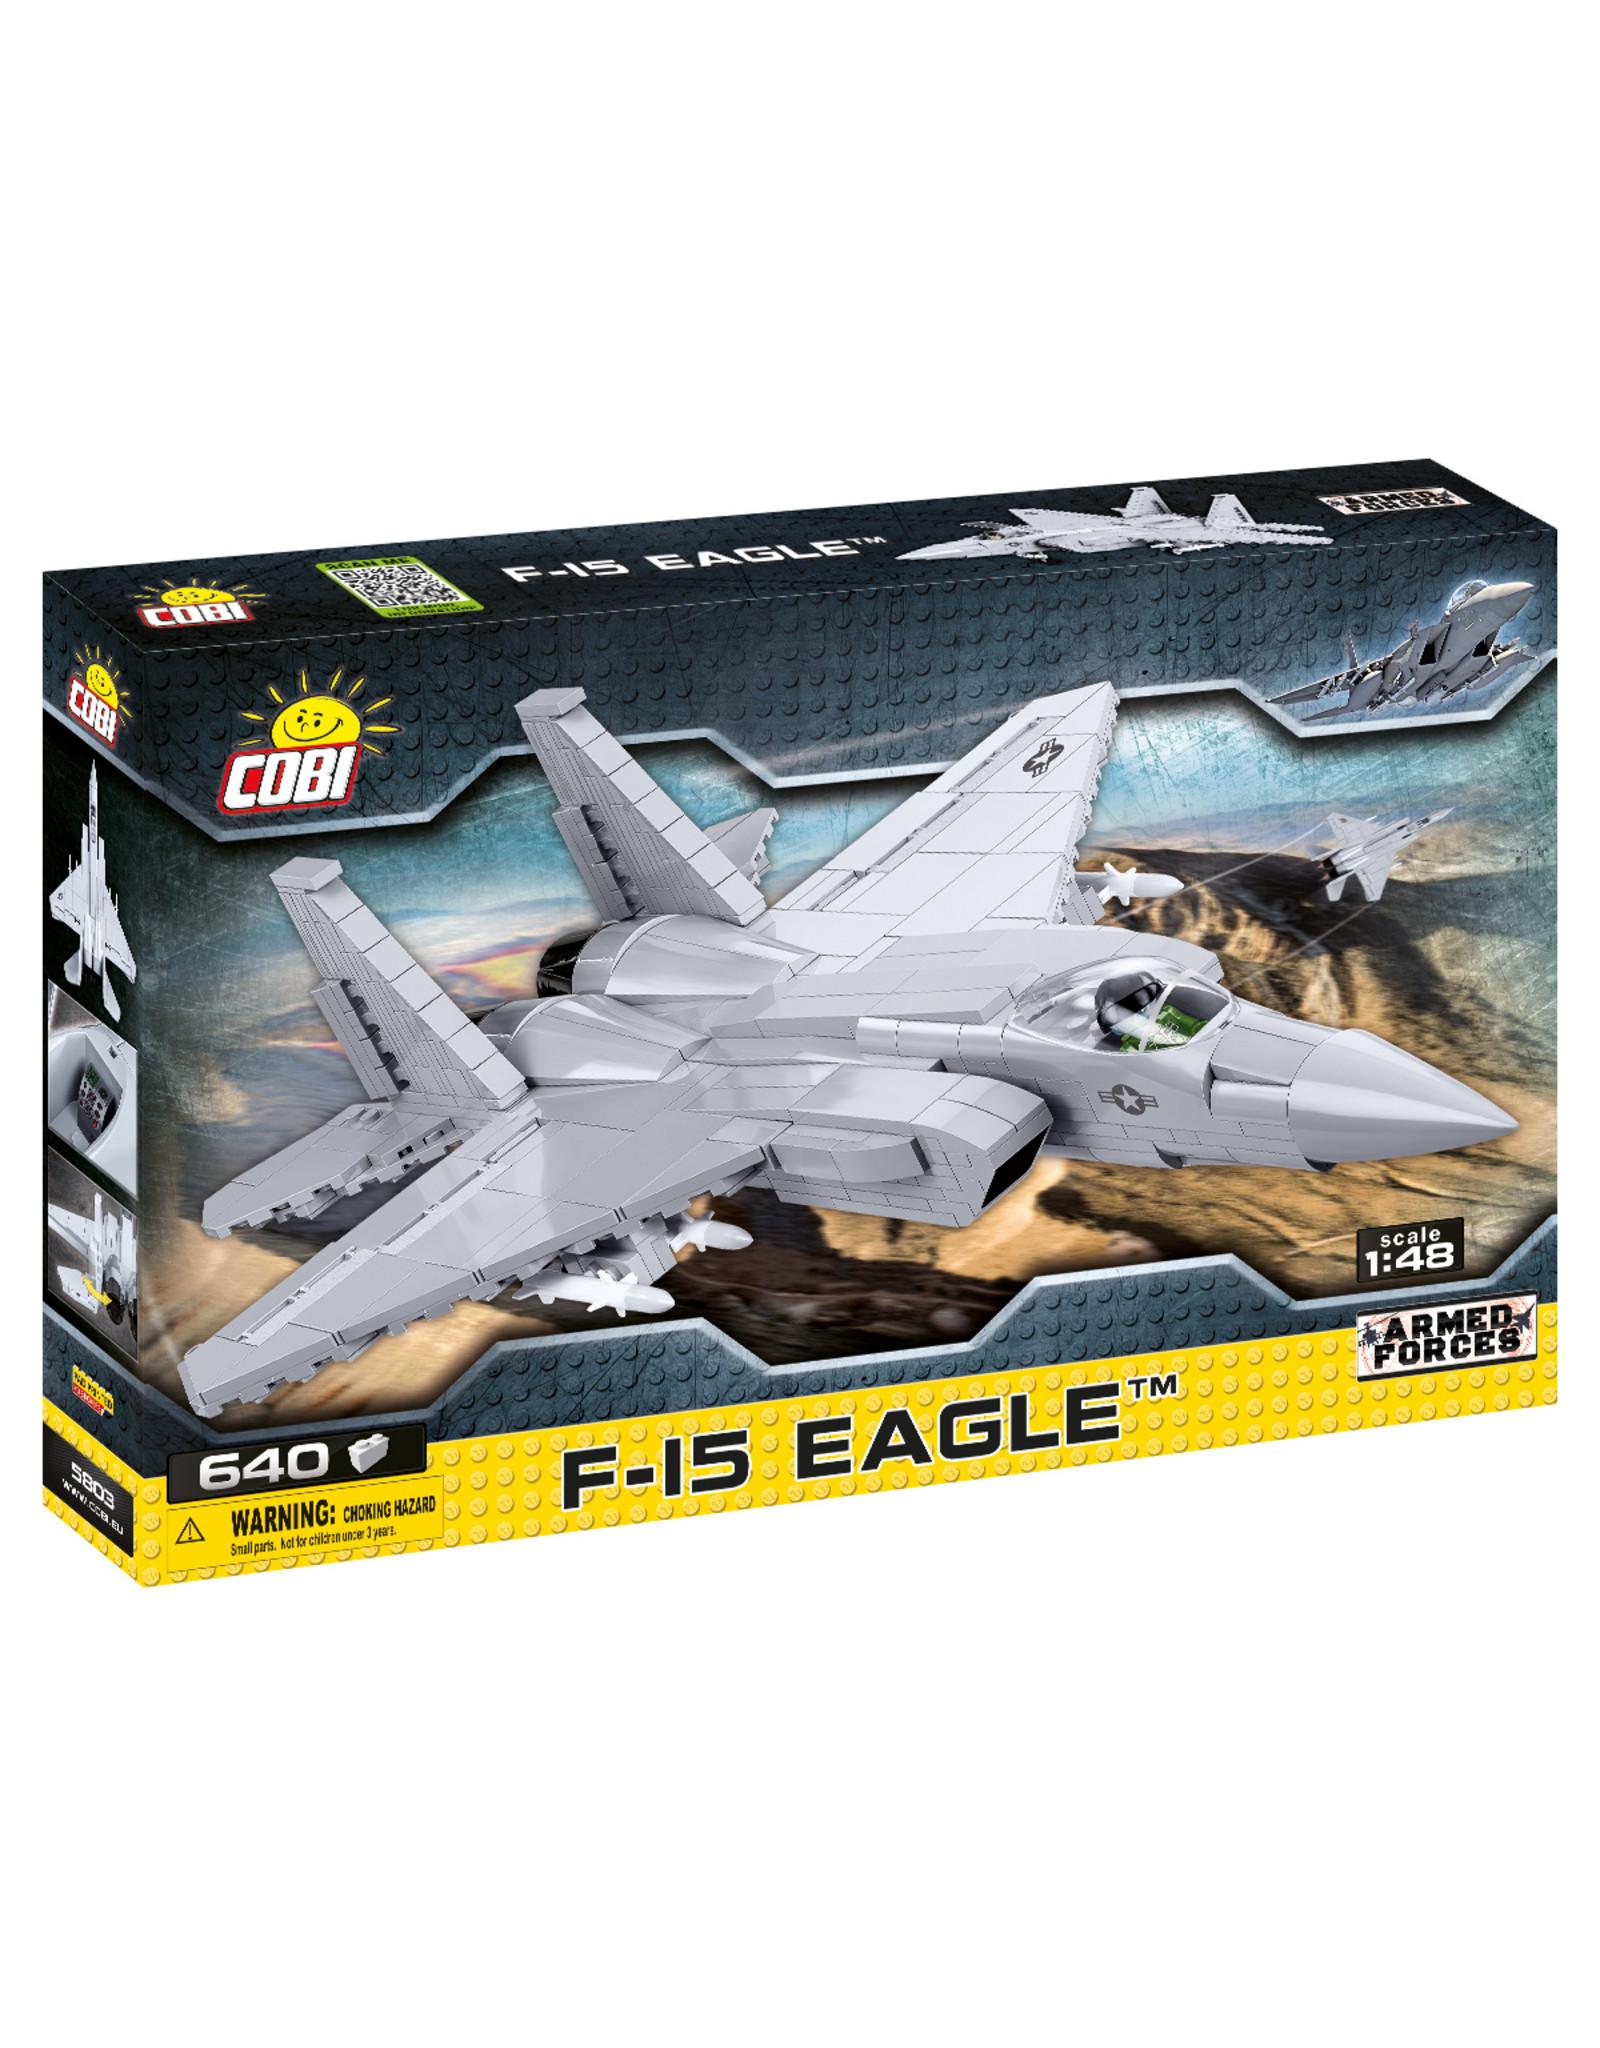 COBI COBI 5803 F-15 Eagle